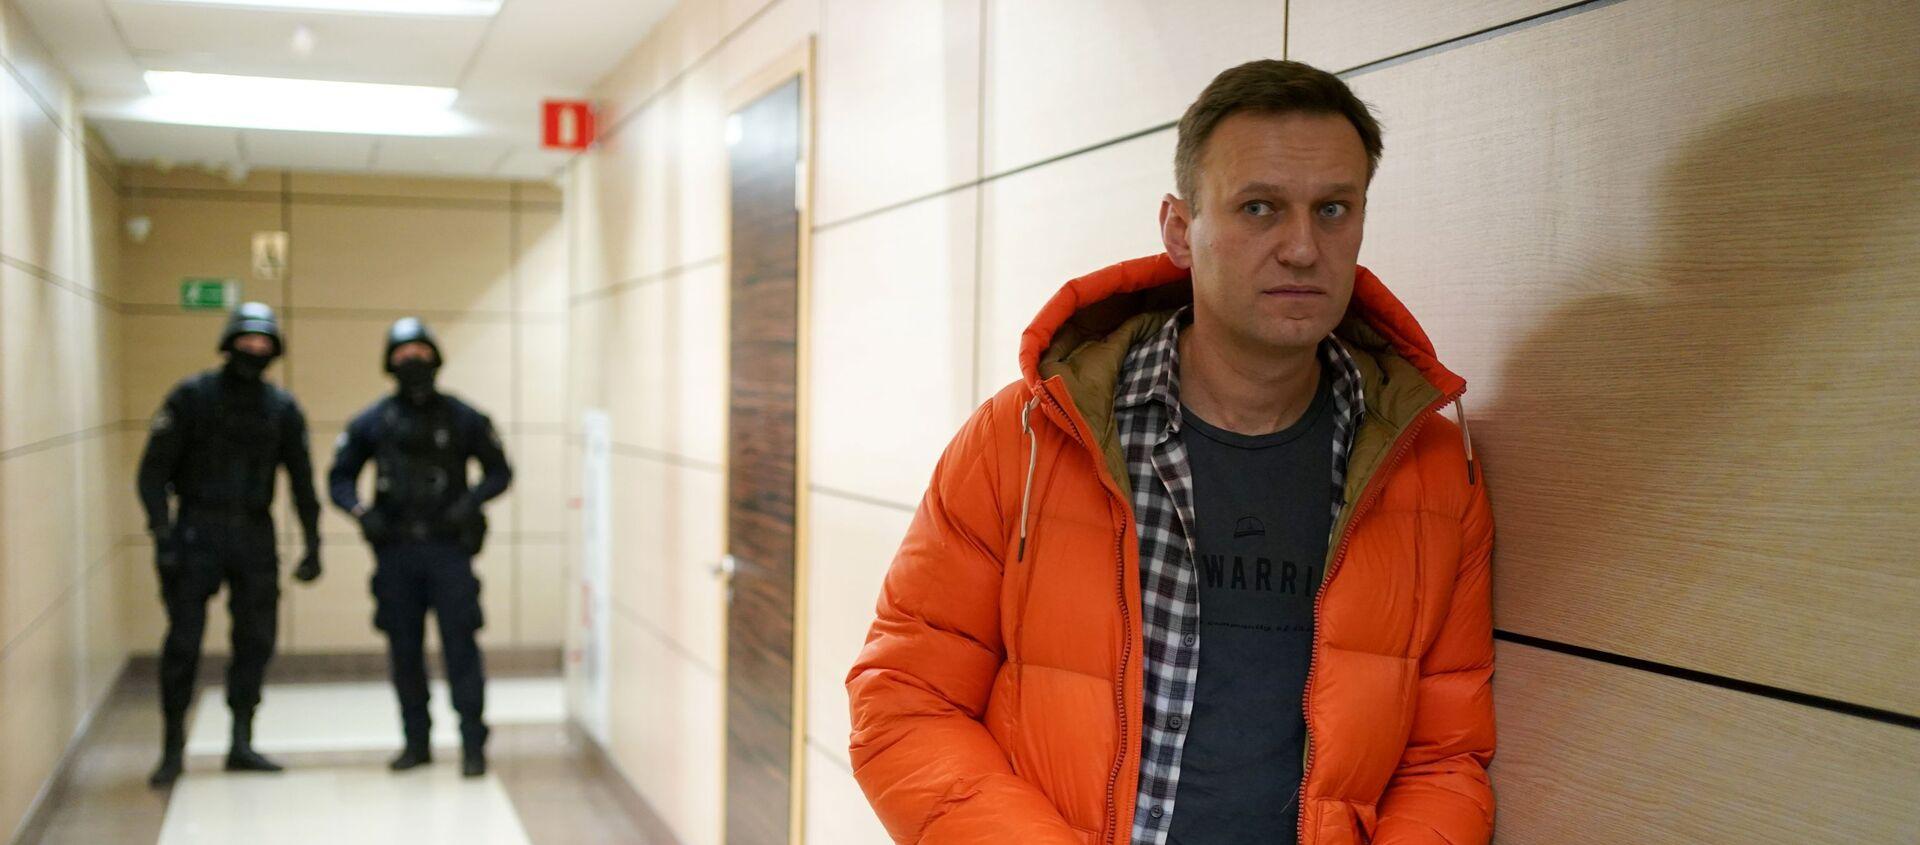 Rosyjski bloger i opozycjonista Aleksiej Nawalny - Sputnik Polska, 1920, 24.12.2020